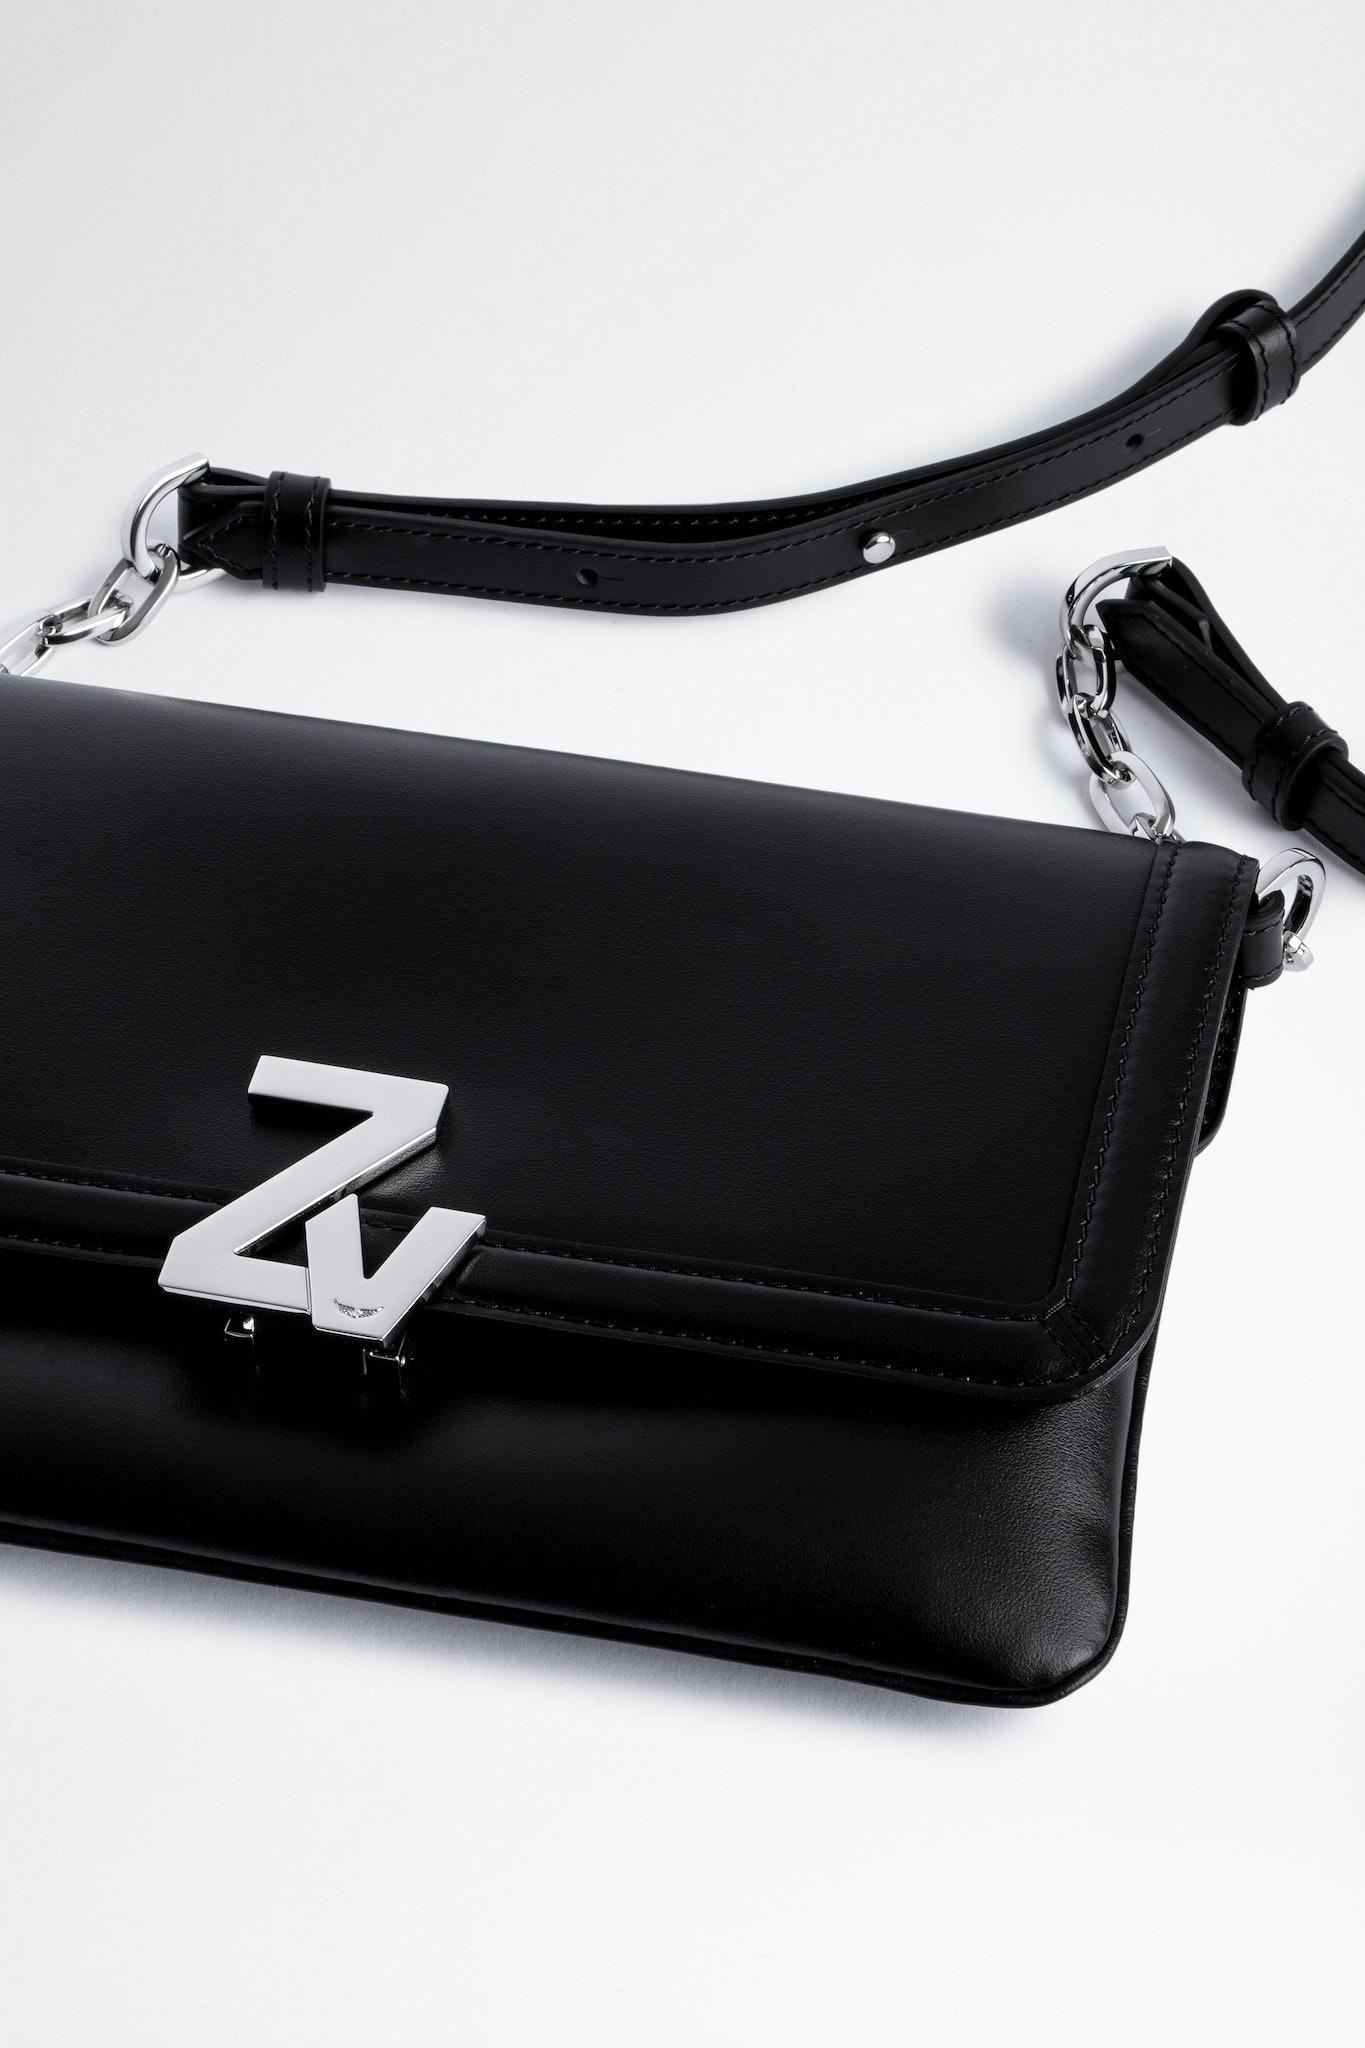 Pochette ZV Initiale La Clutch